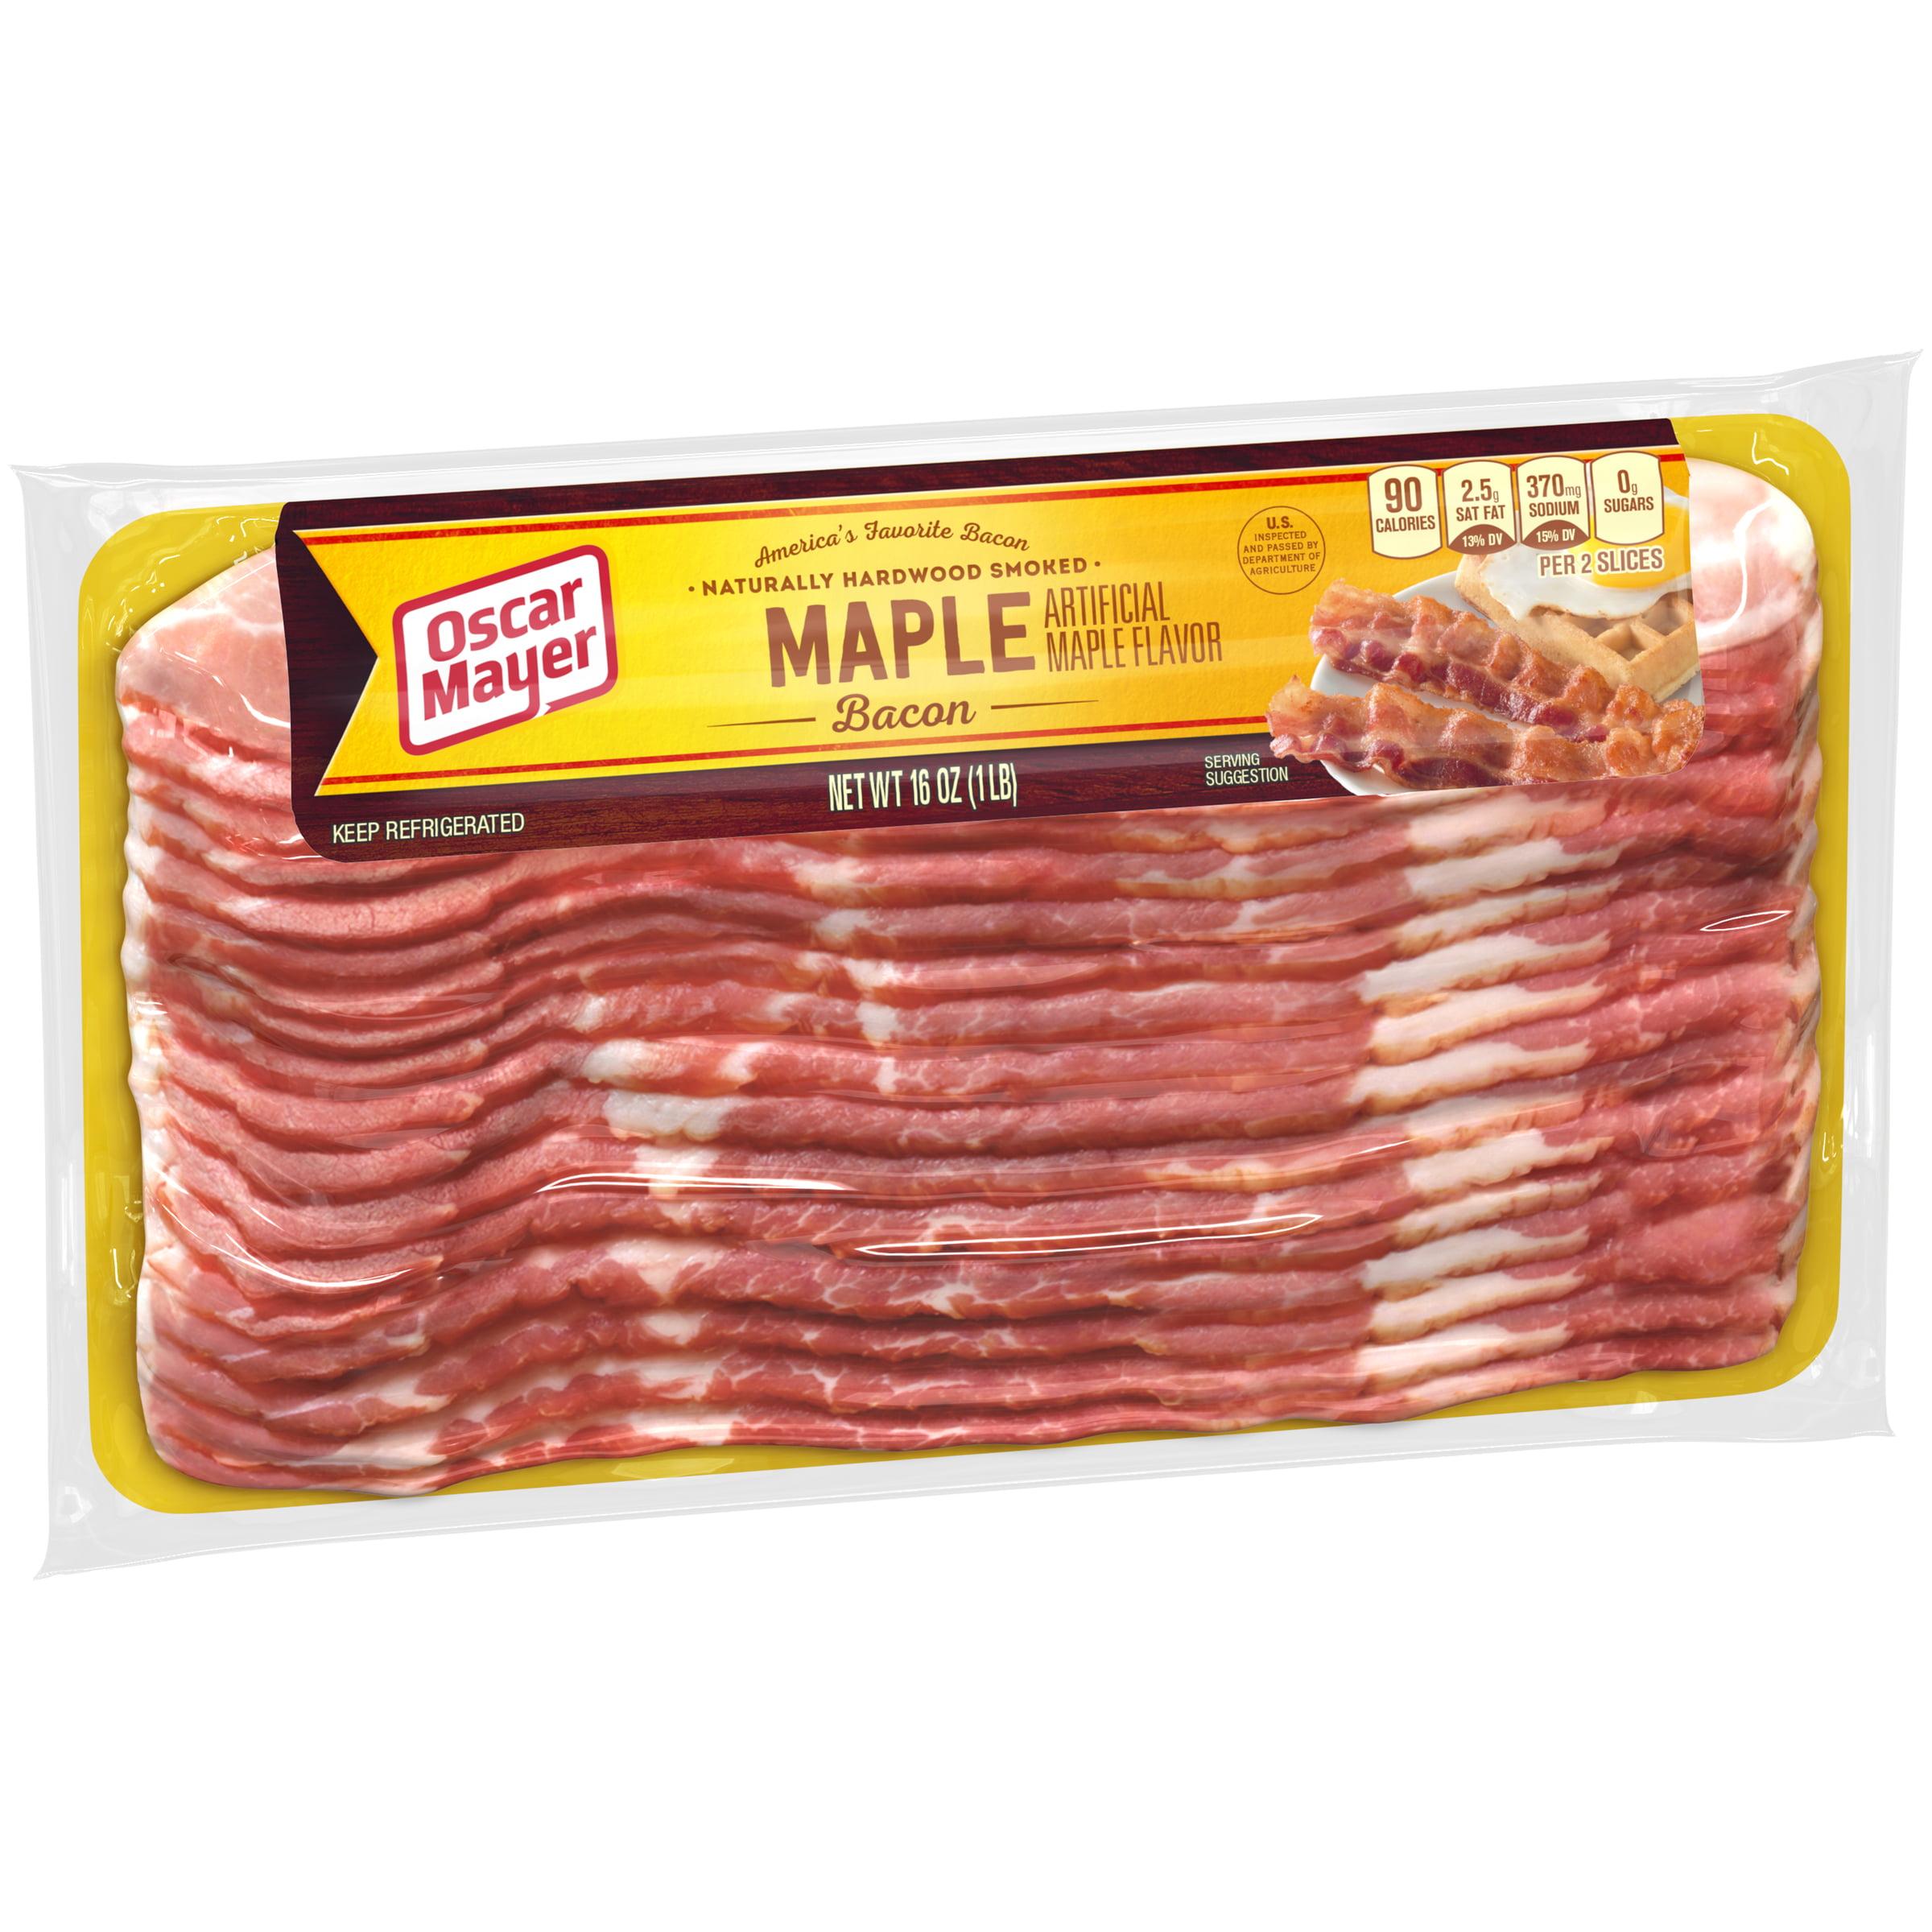 Oscar Mayer Maple Bacon, 16 Oz.